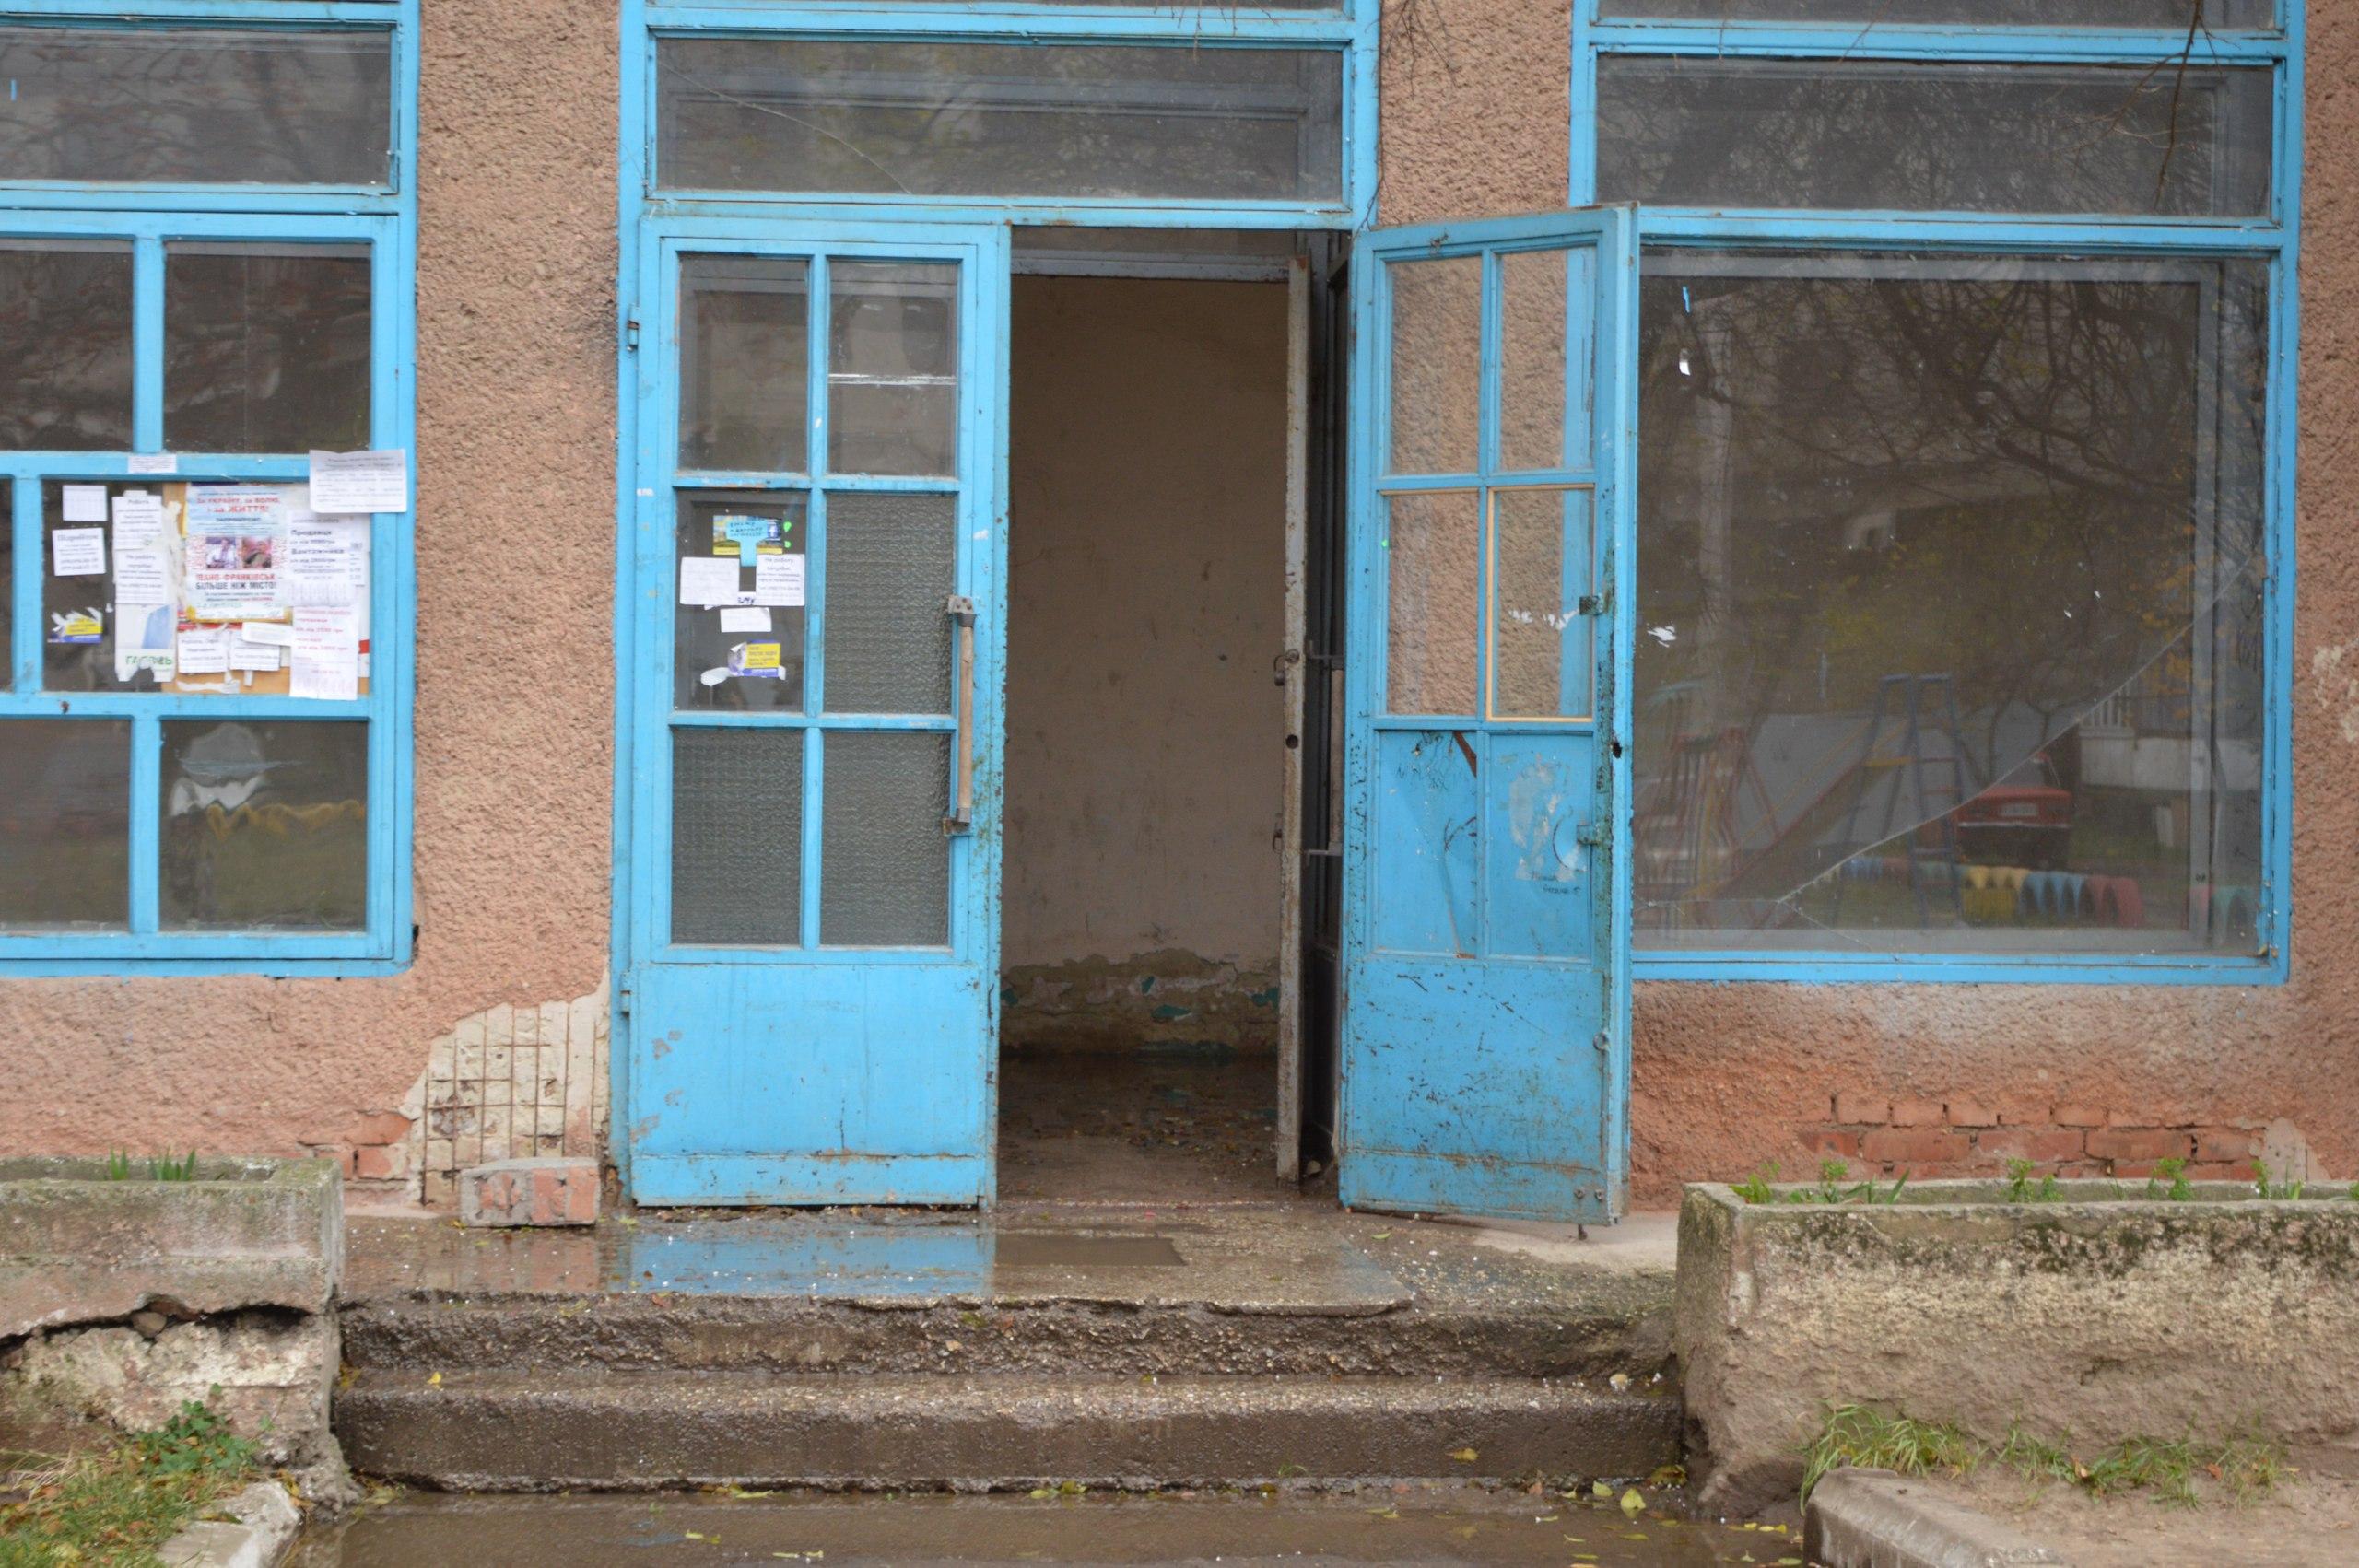 Будинок на БАМі потопає у лайні. Каналізаційний сморід та фекалії стали звичним явищем для мешканців вулиці Довженка (фото)